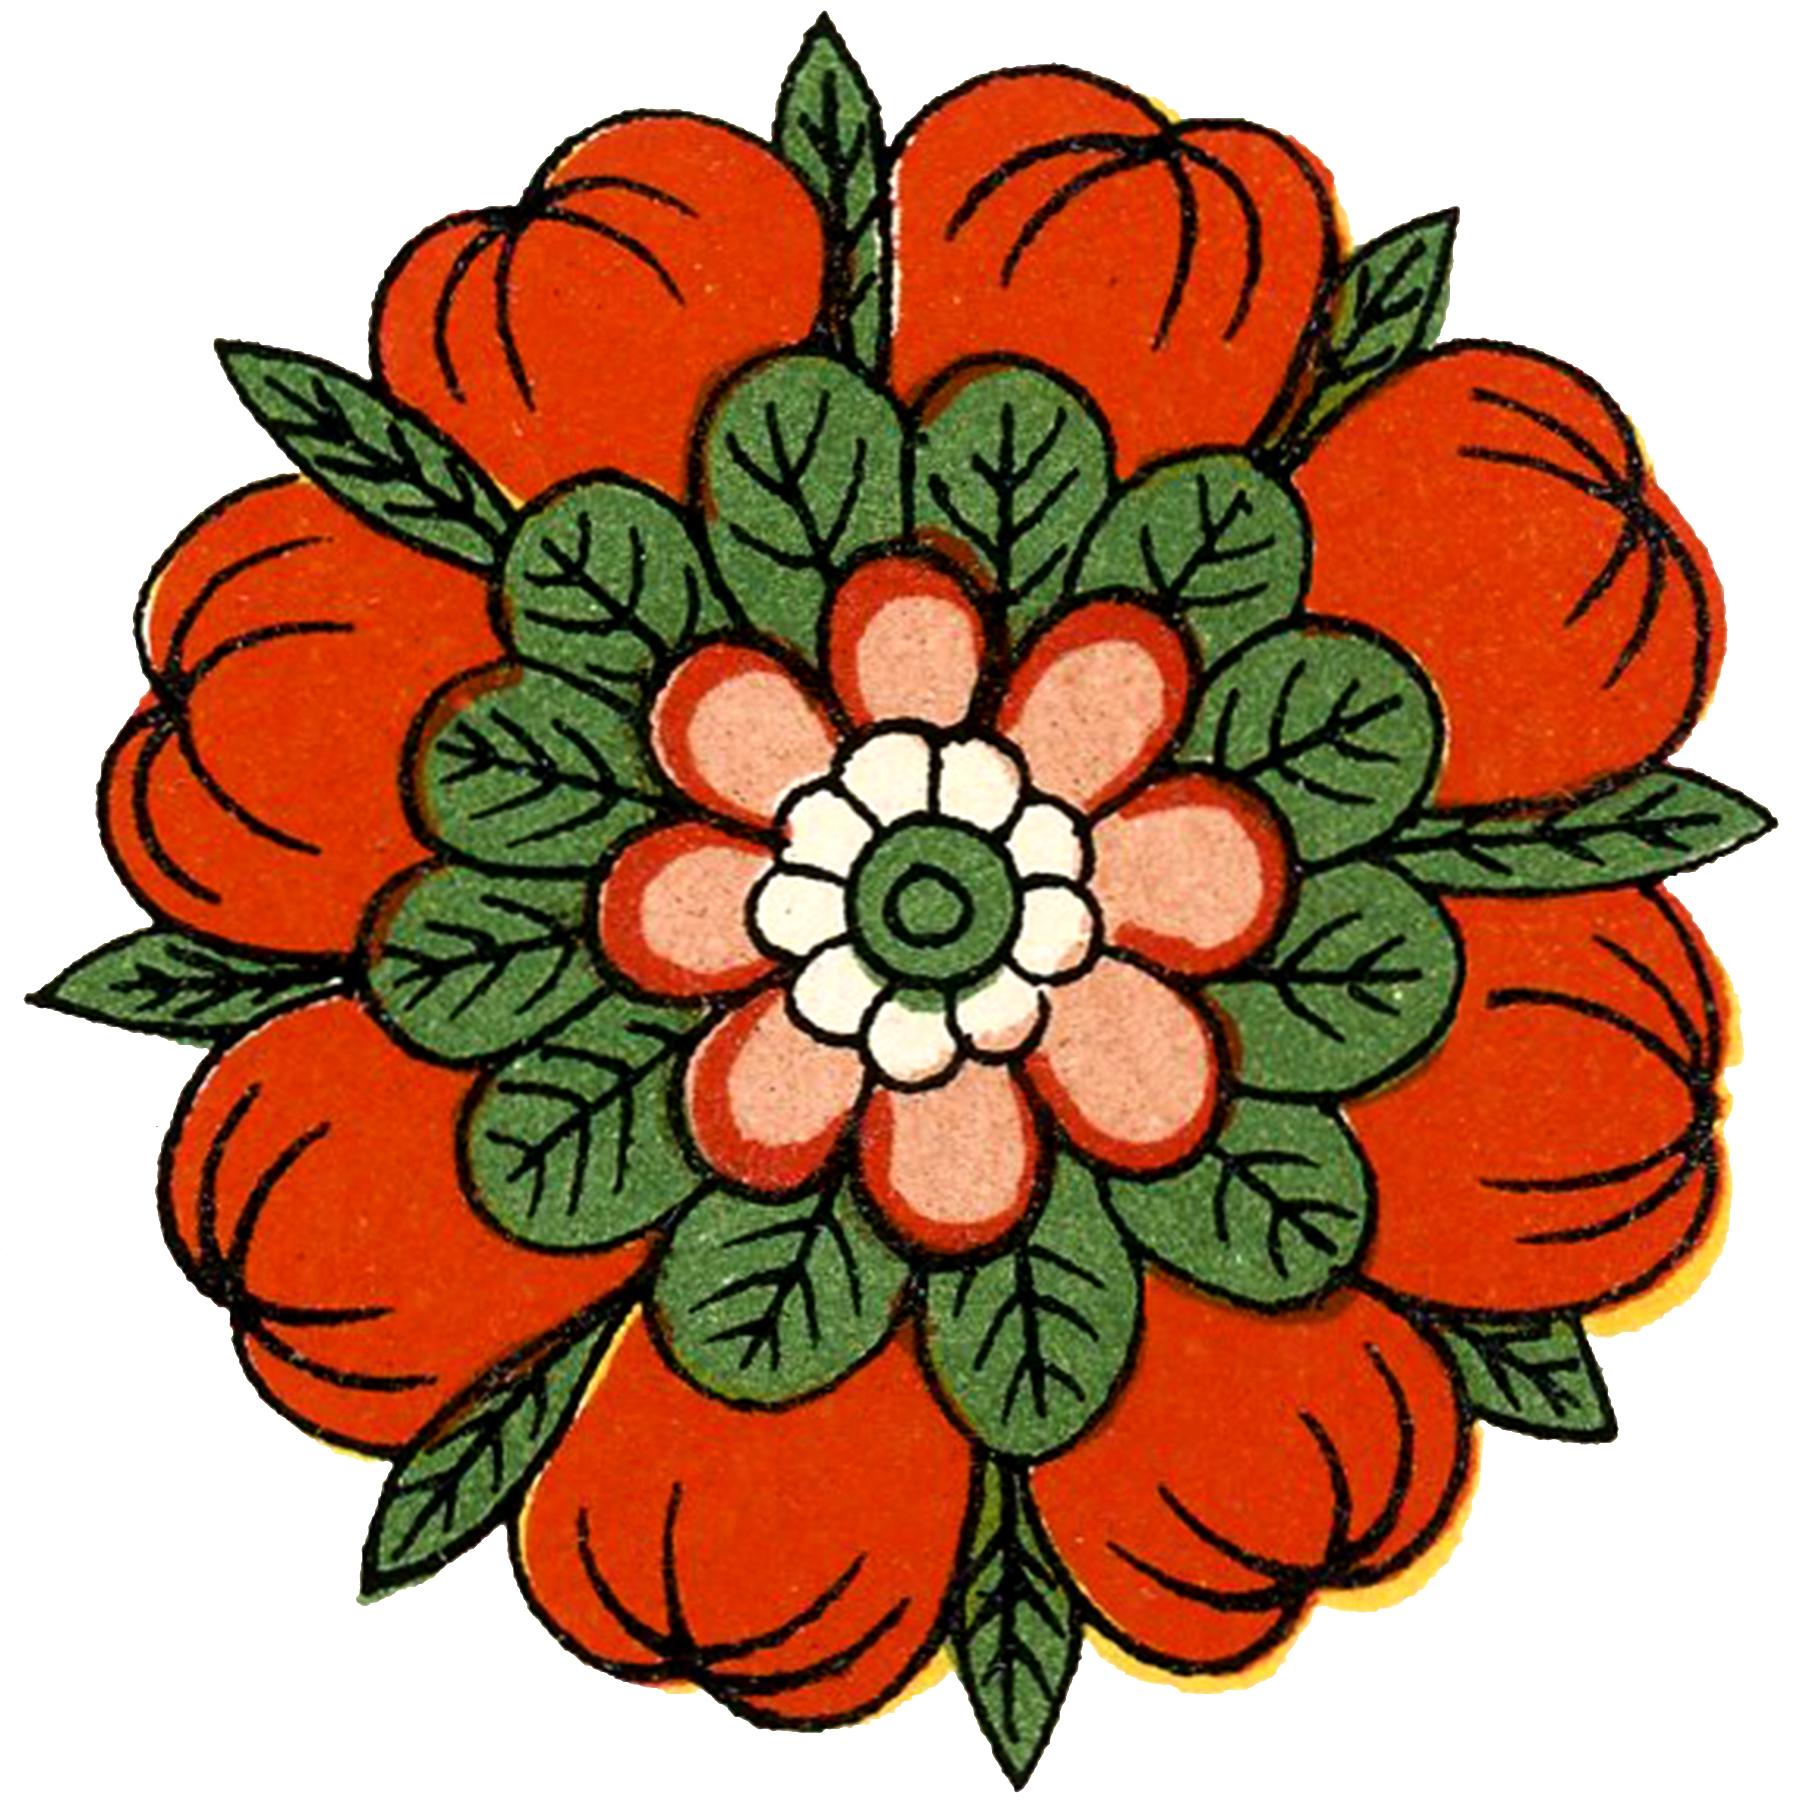 Vintage Asian Floral Design Image!.